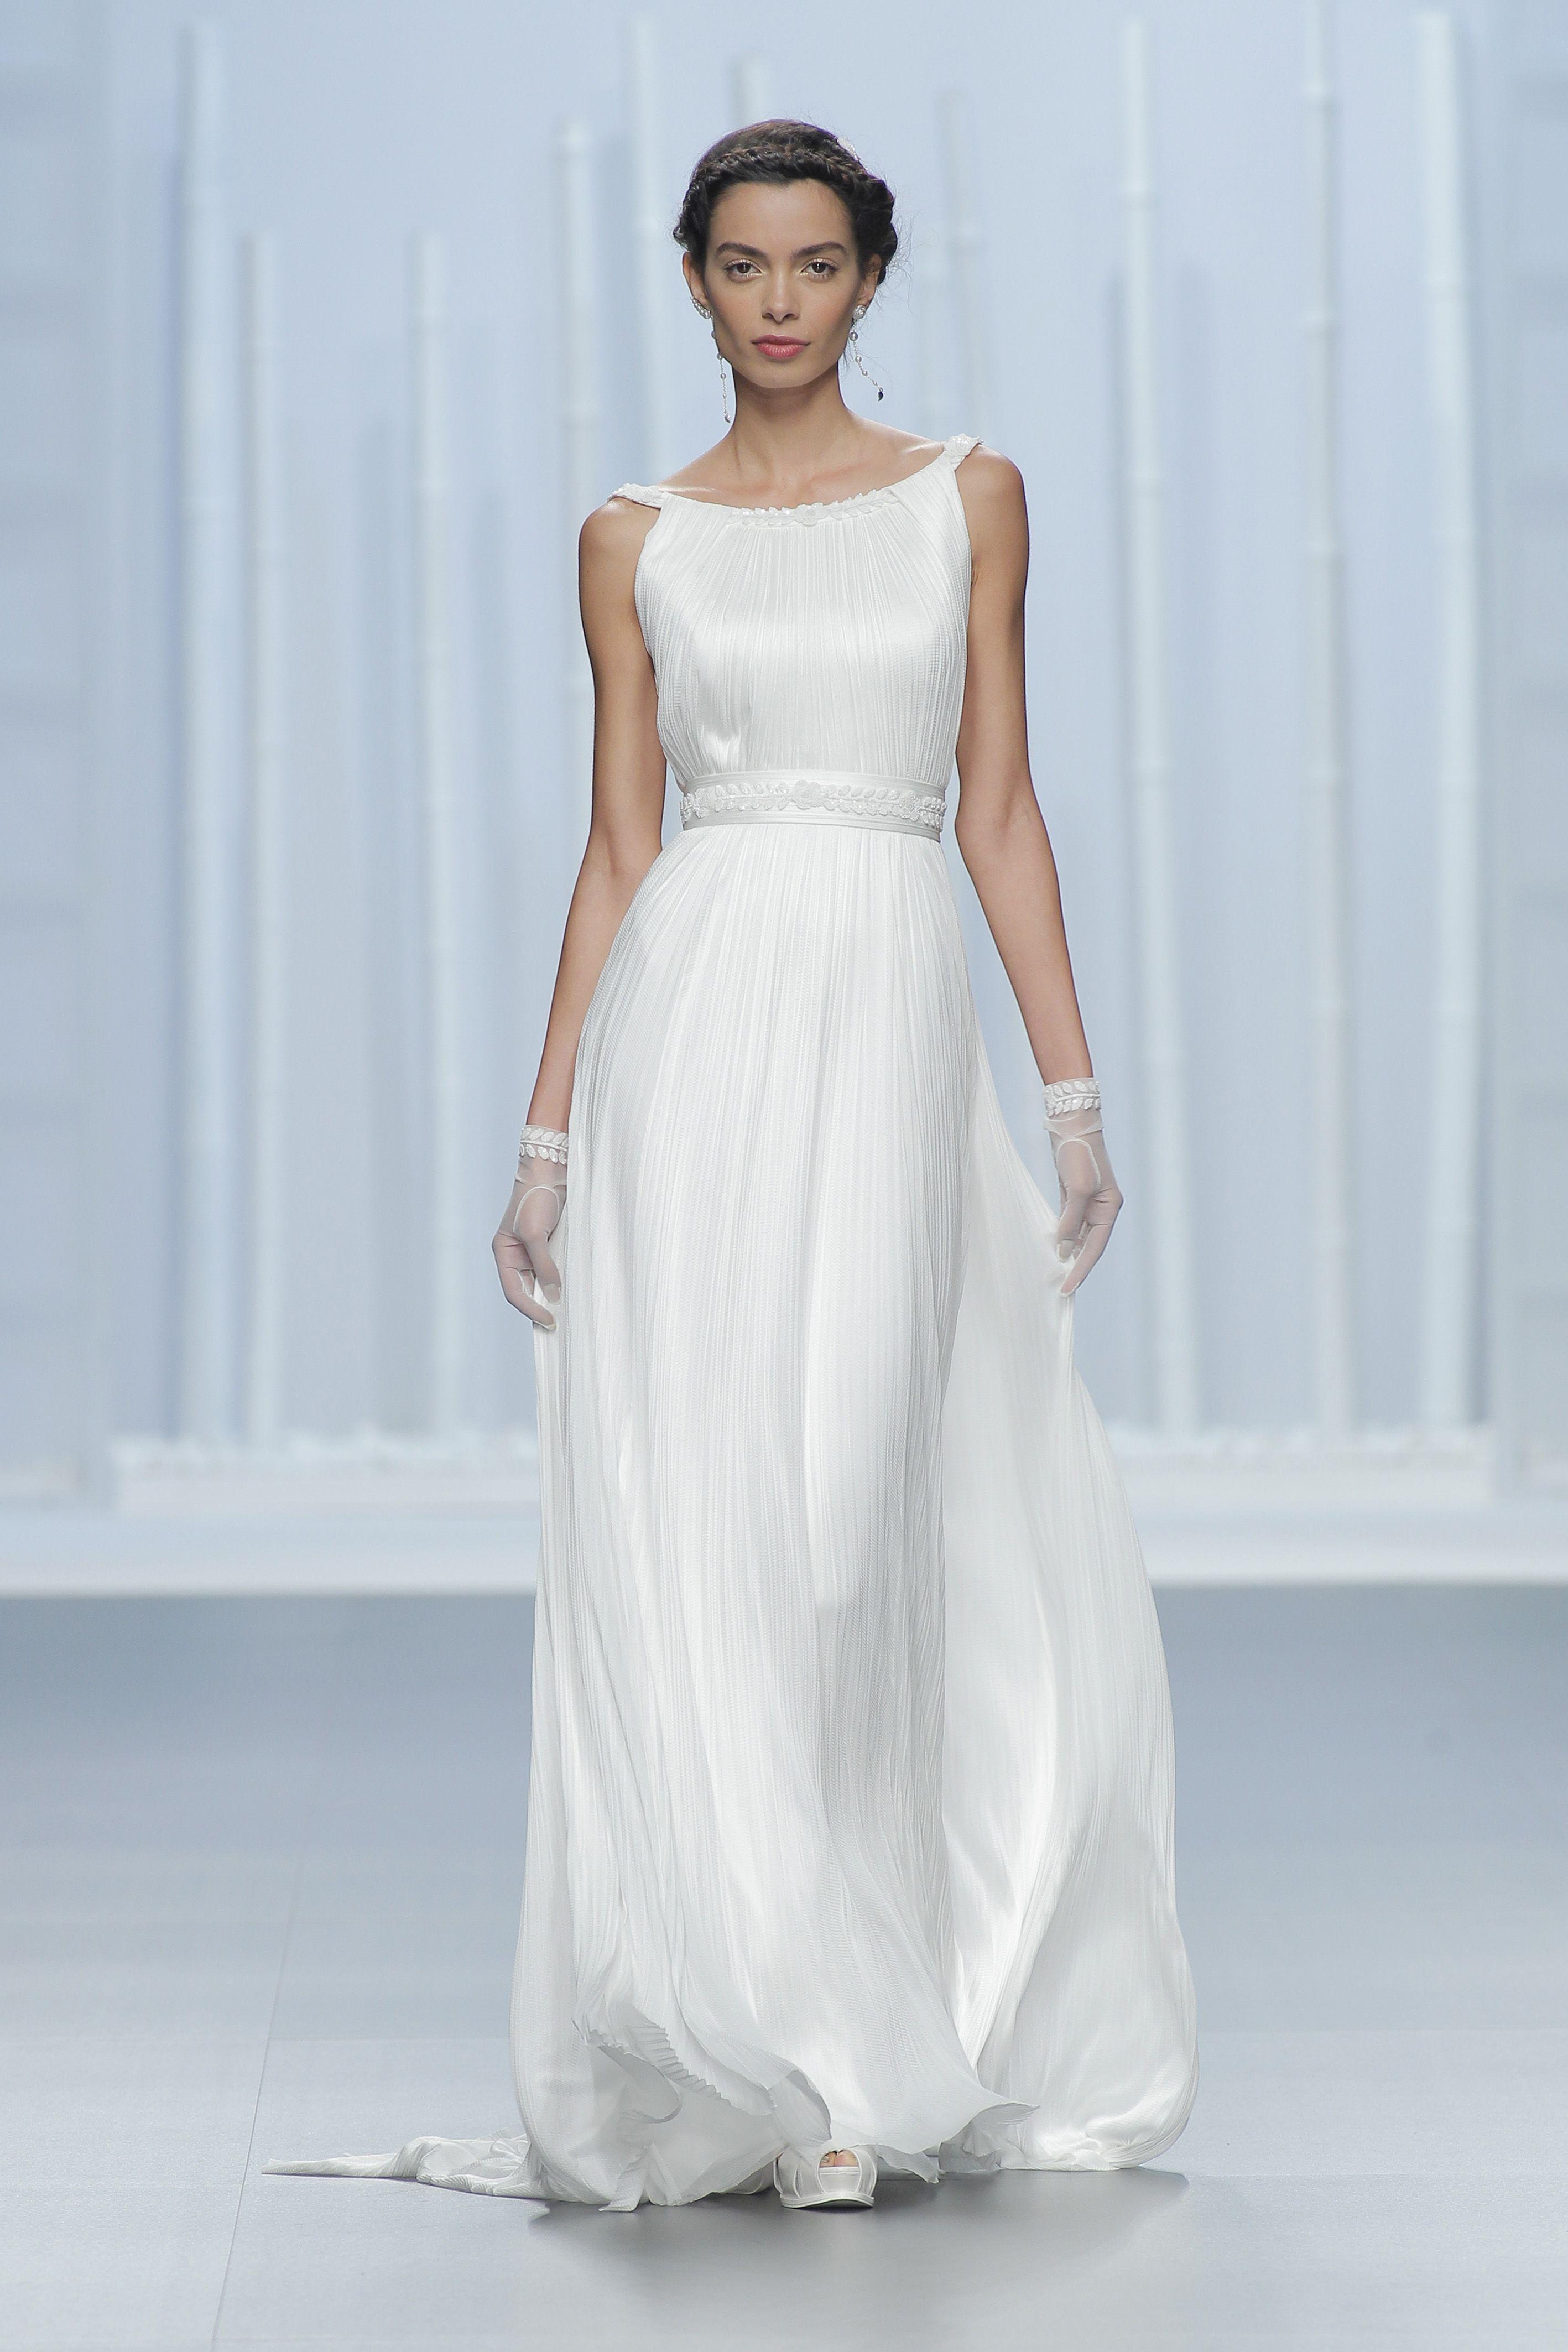 Comfortable Vestido Novia Victorio Y Lucchino Ideas - Wedding Dress ...